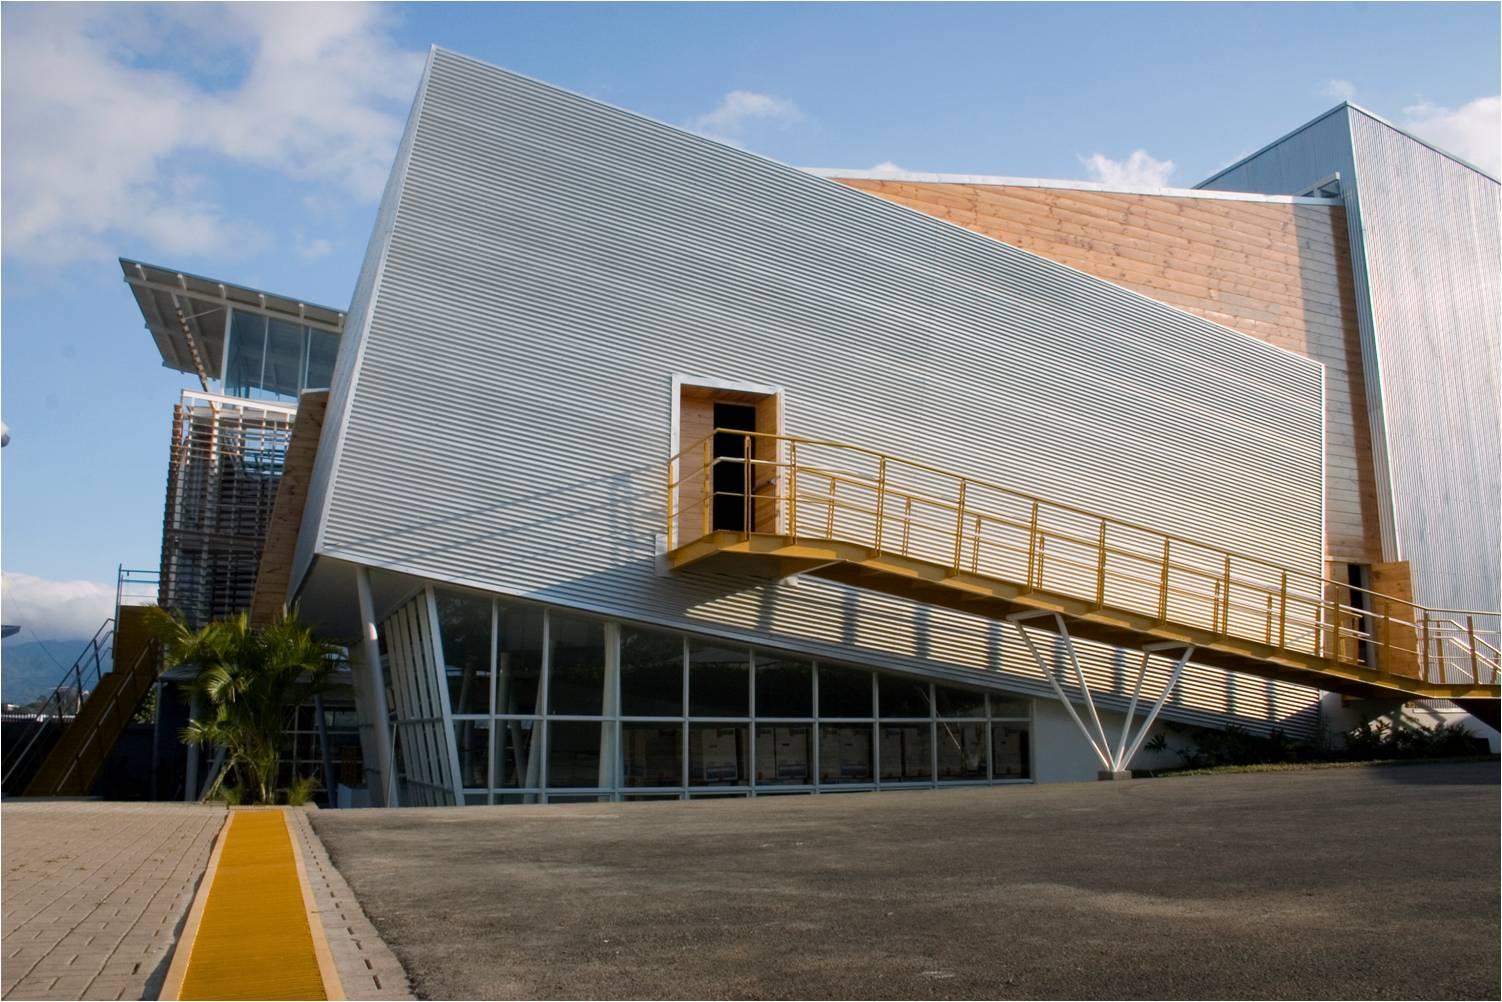 Taller de dise o 7 8 talleres de arquitectura y auditorio - Escuela superior de arquitectura de san sebastian ...